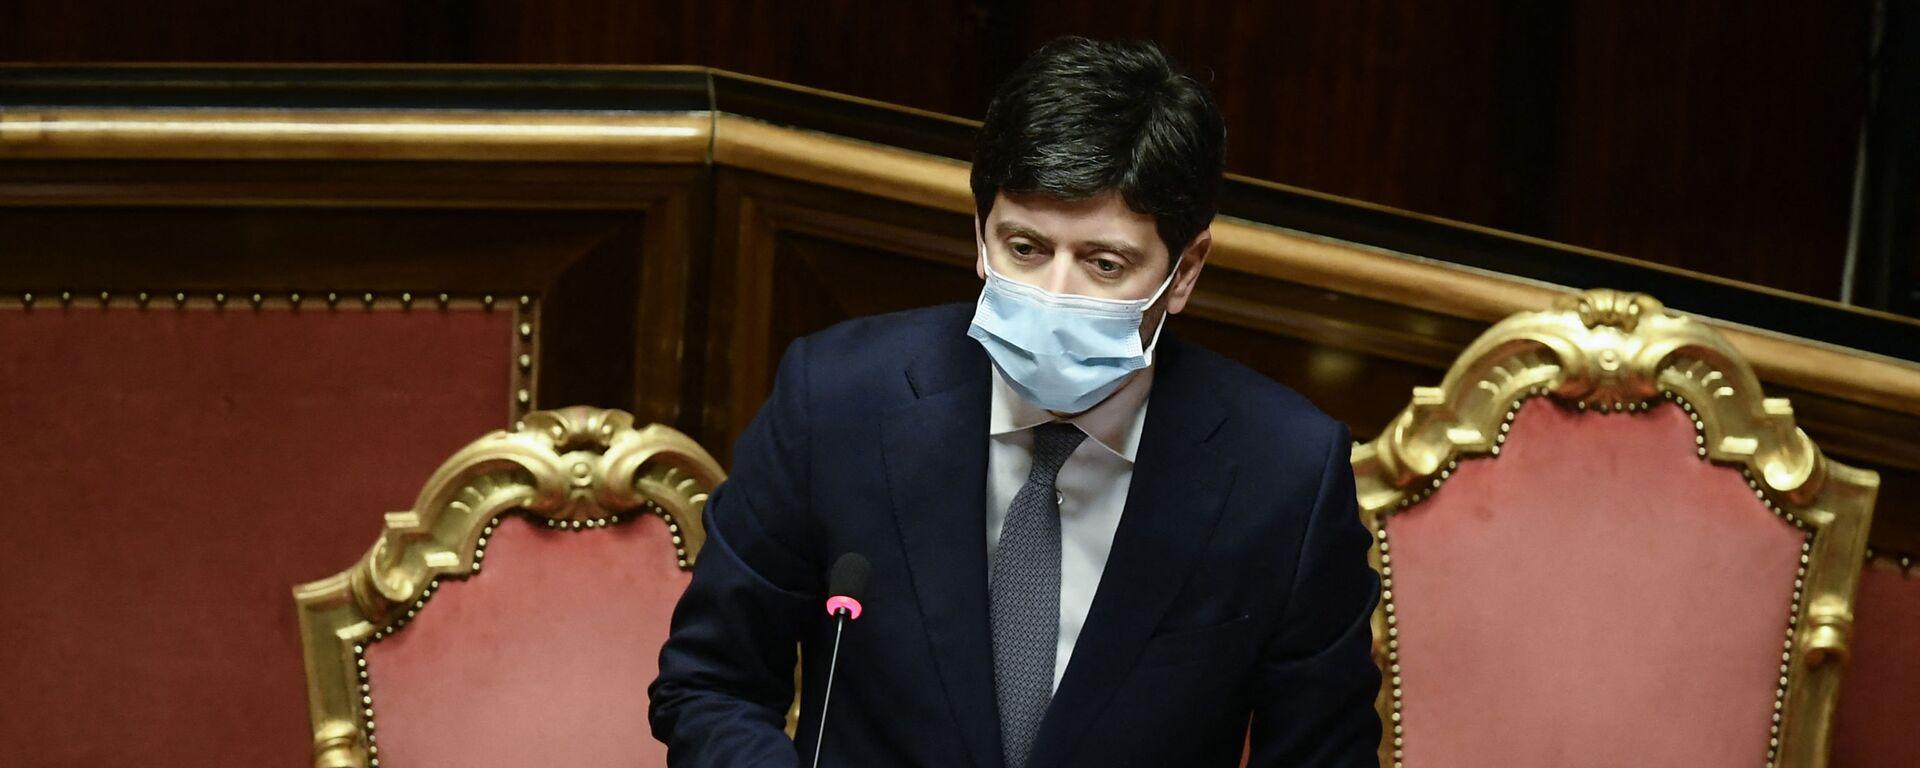 Roberto Speranza, ministro della Salute - Sputnik Italia, 1920, 24.05.2021